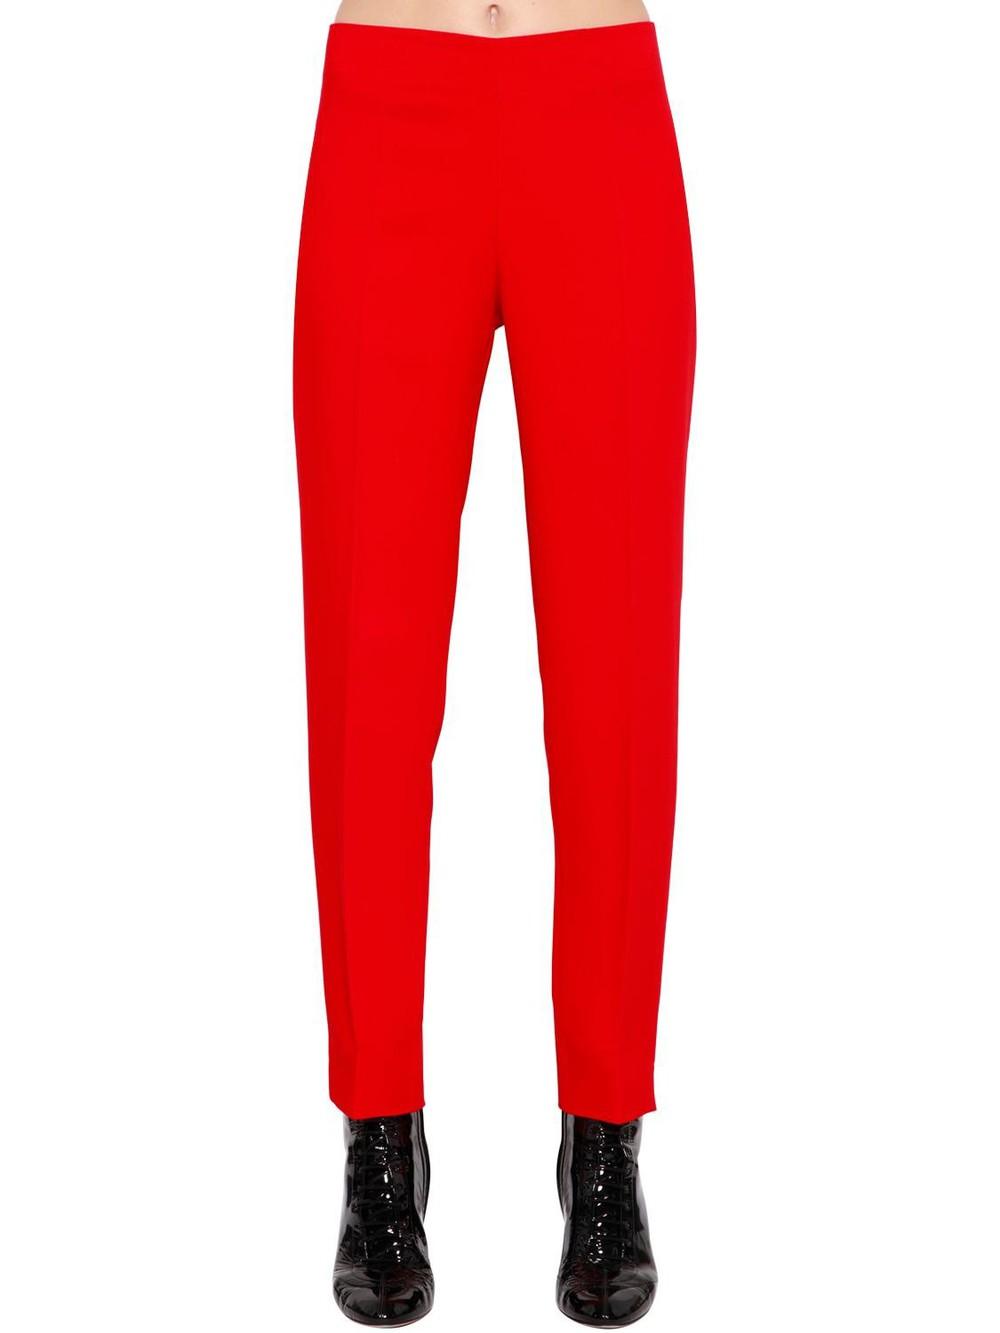 ANTONIO BERARDI Viscose Cady Pants in red